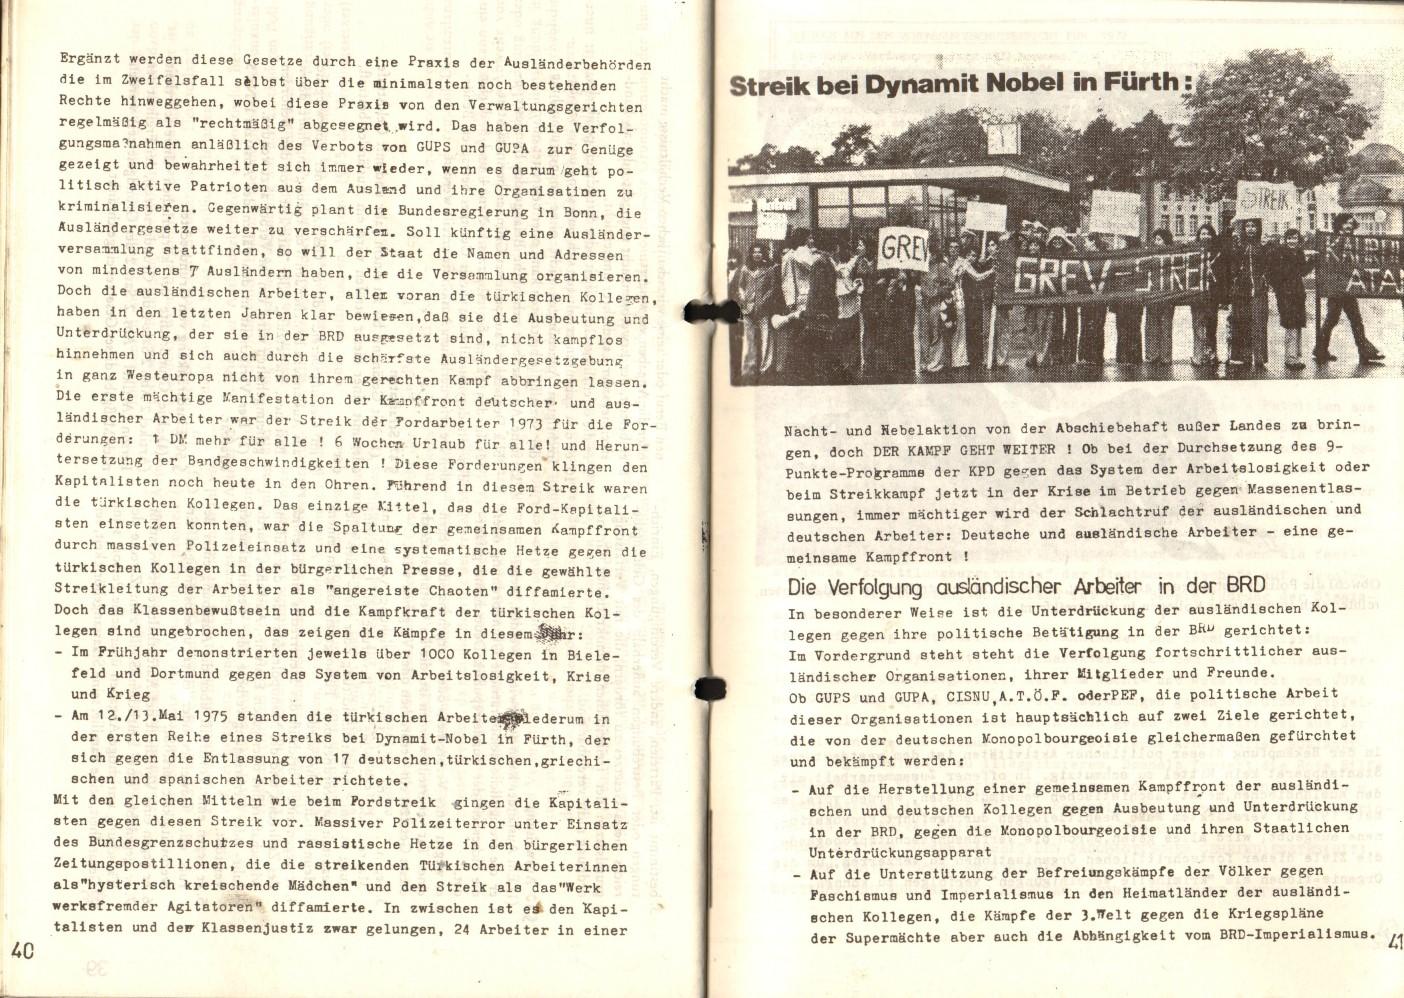 NRW_Rote_Hilfe_1975_Sofortige_Freilassung_der_tuerkischen_Patrioten_22